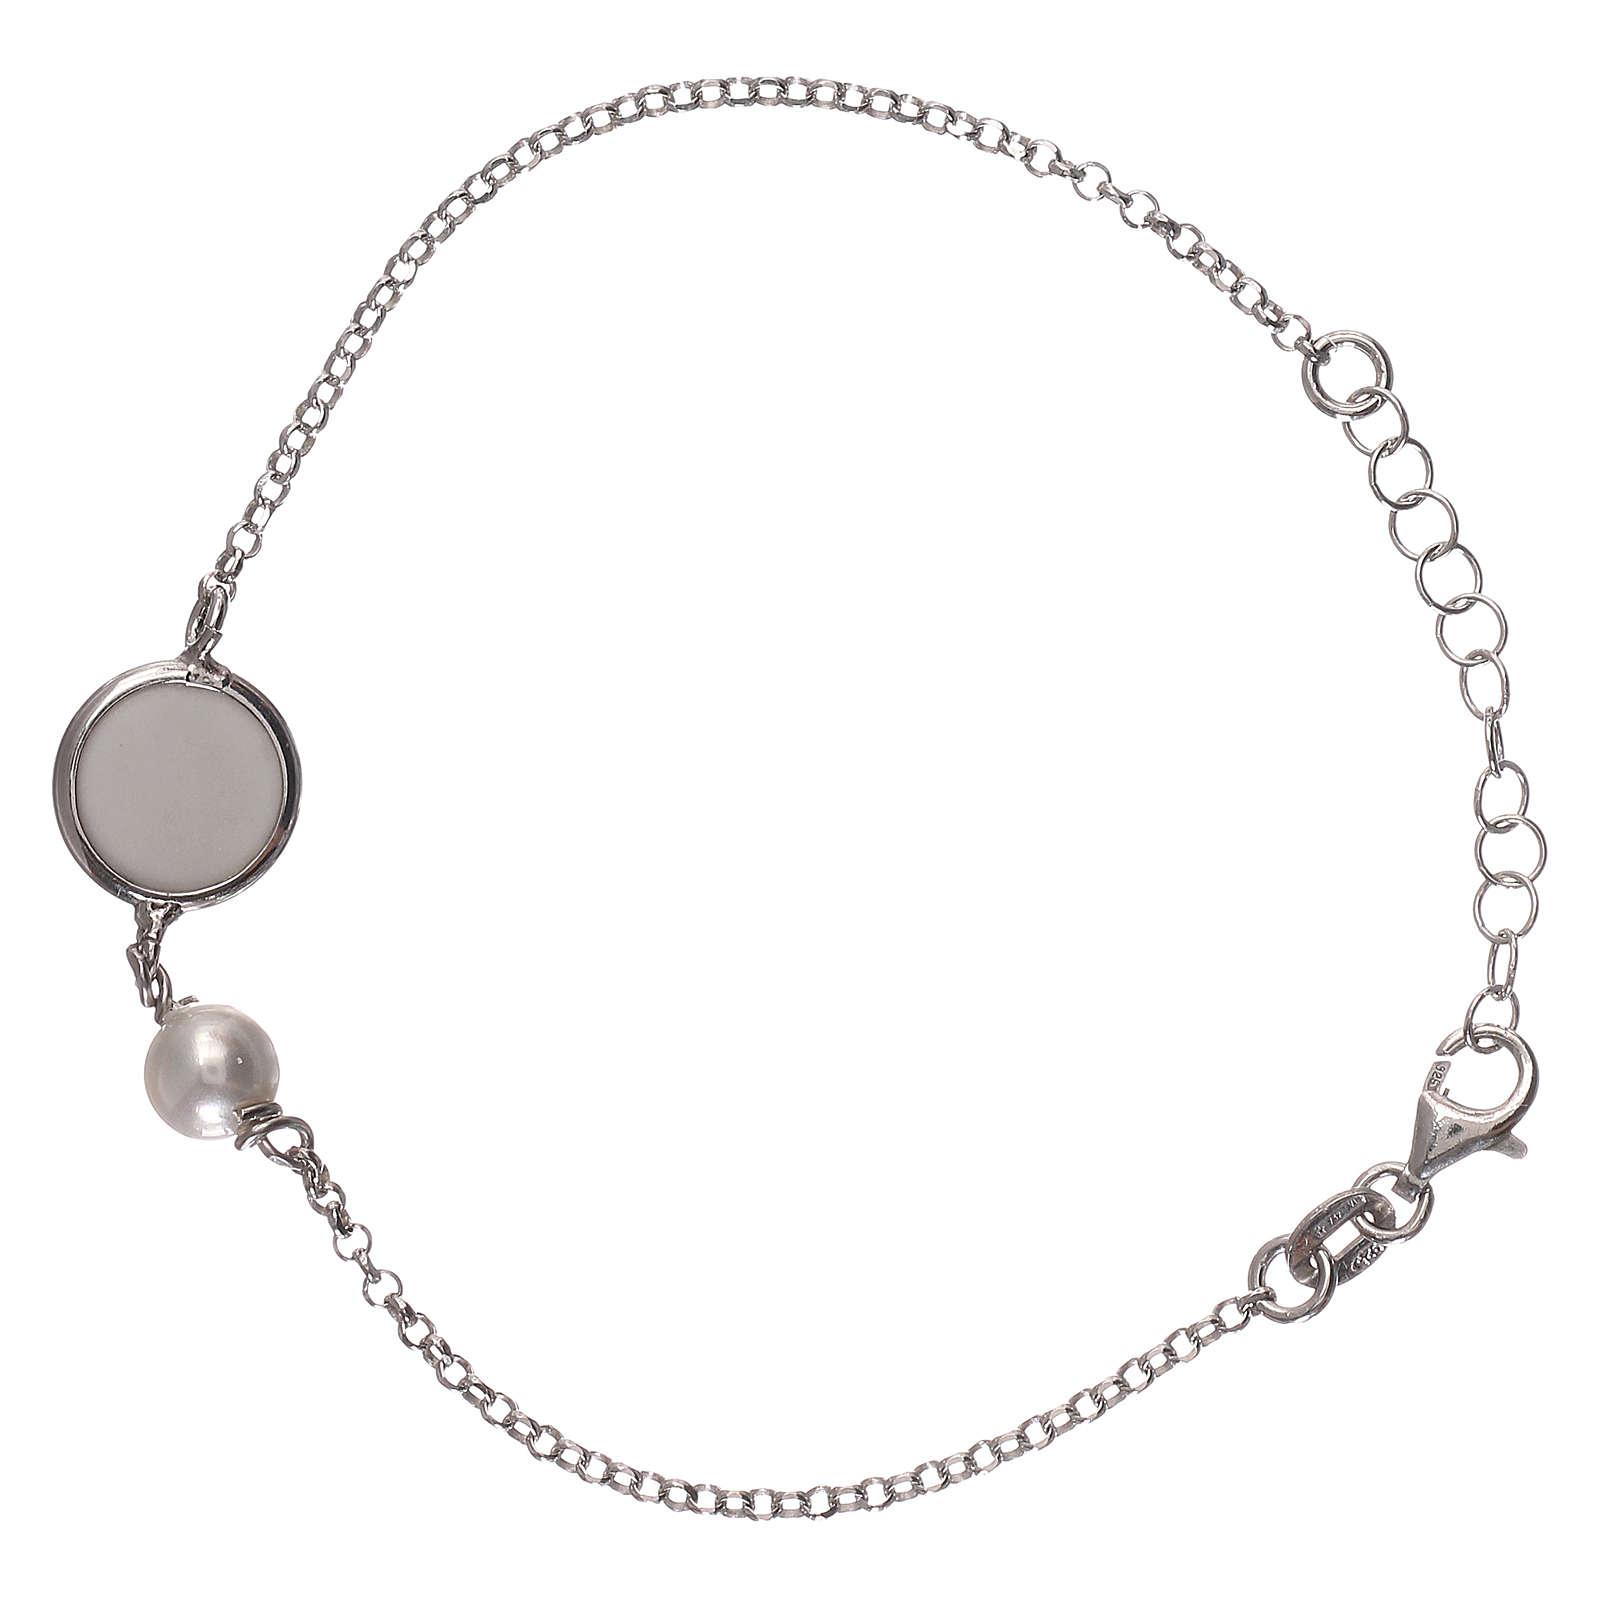 Braccialetto argento 925 con medaglia e perla 4